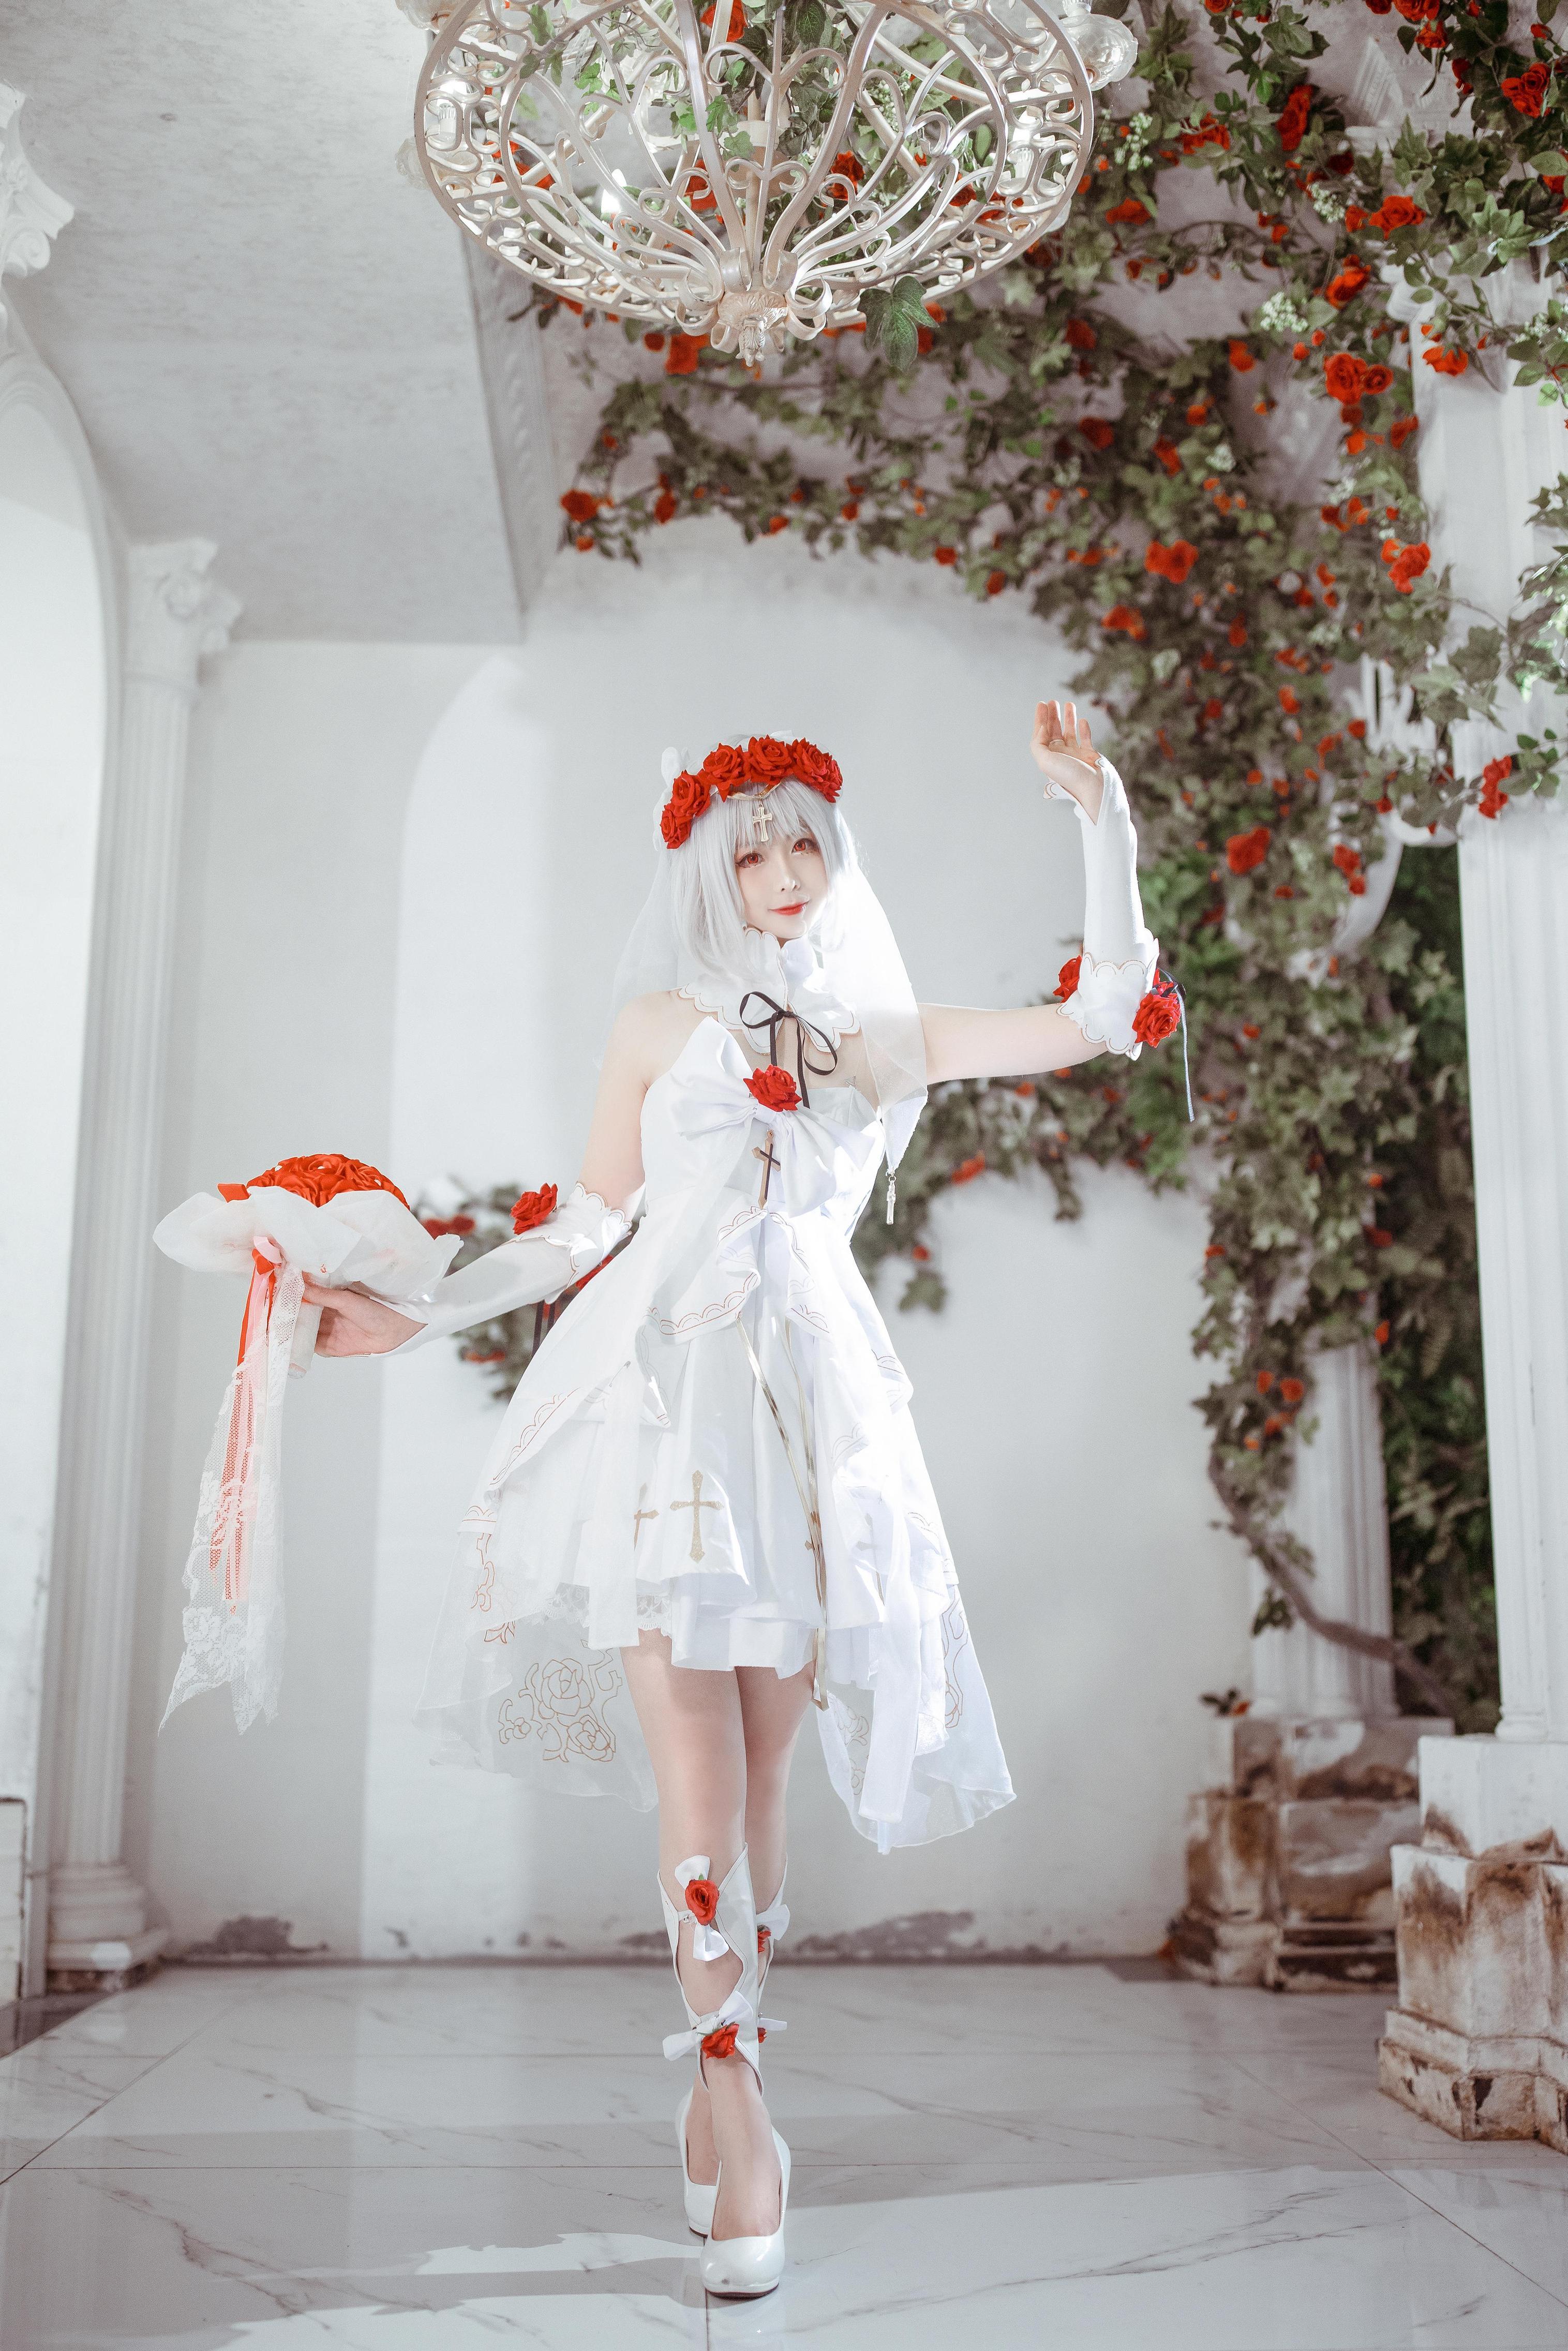 《崩坏学园》正片cosplay【CN:樱岛嗷一】-第17张